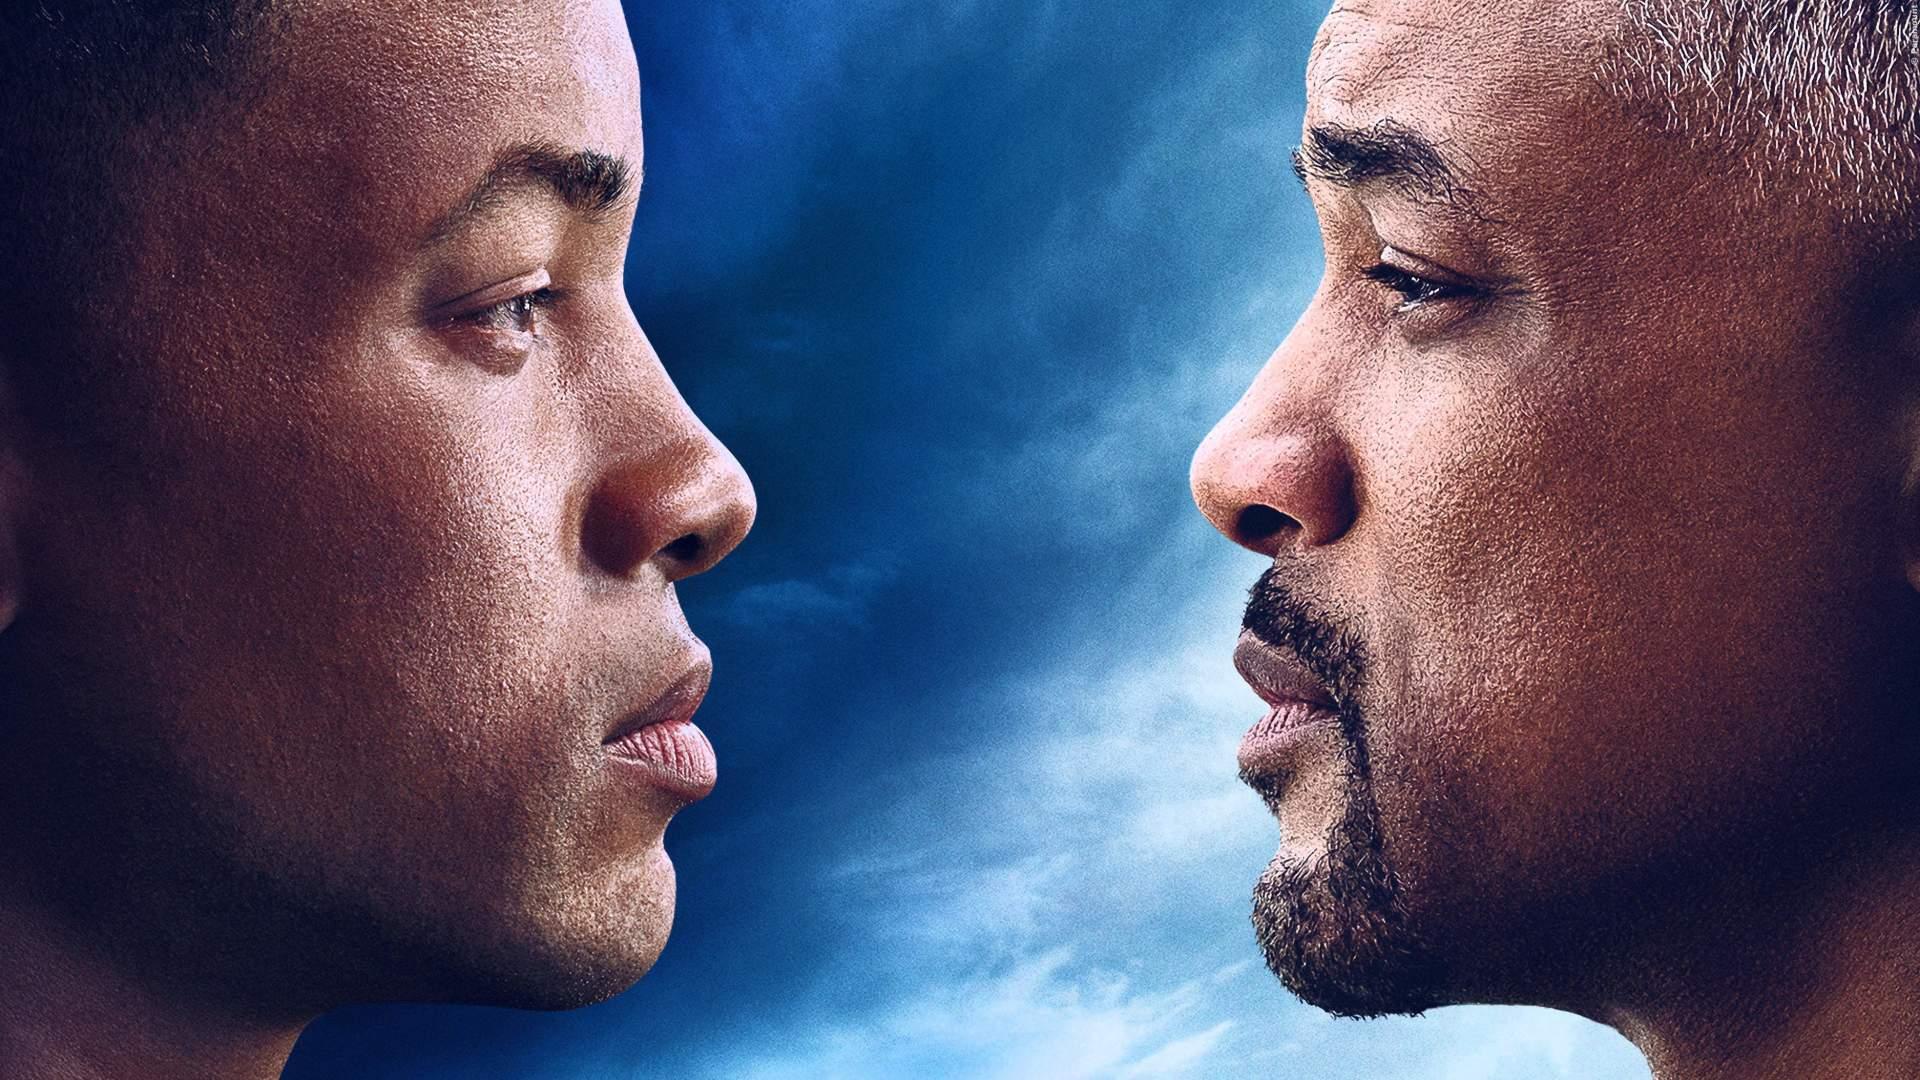 GEMINI MAN: Visueller Overload im Trailer mit dem doppelten Will Smith